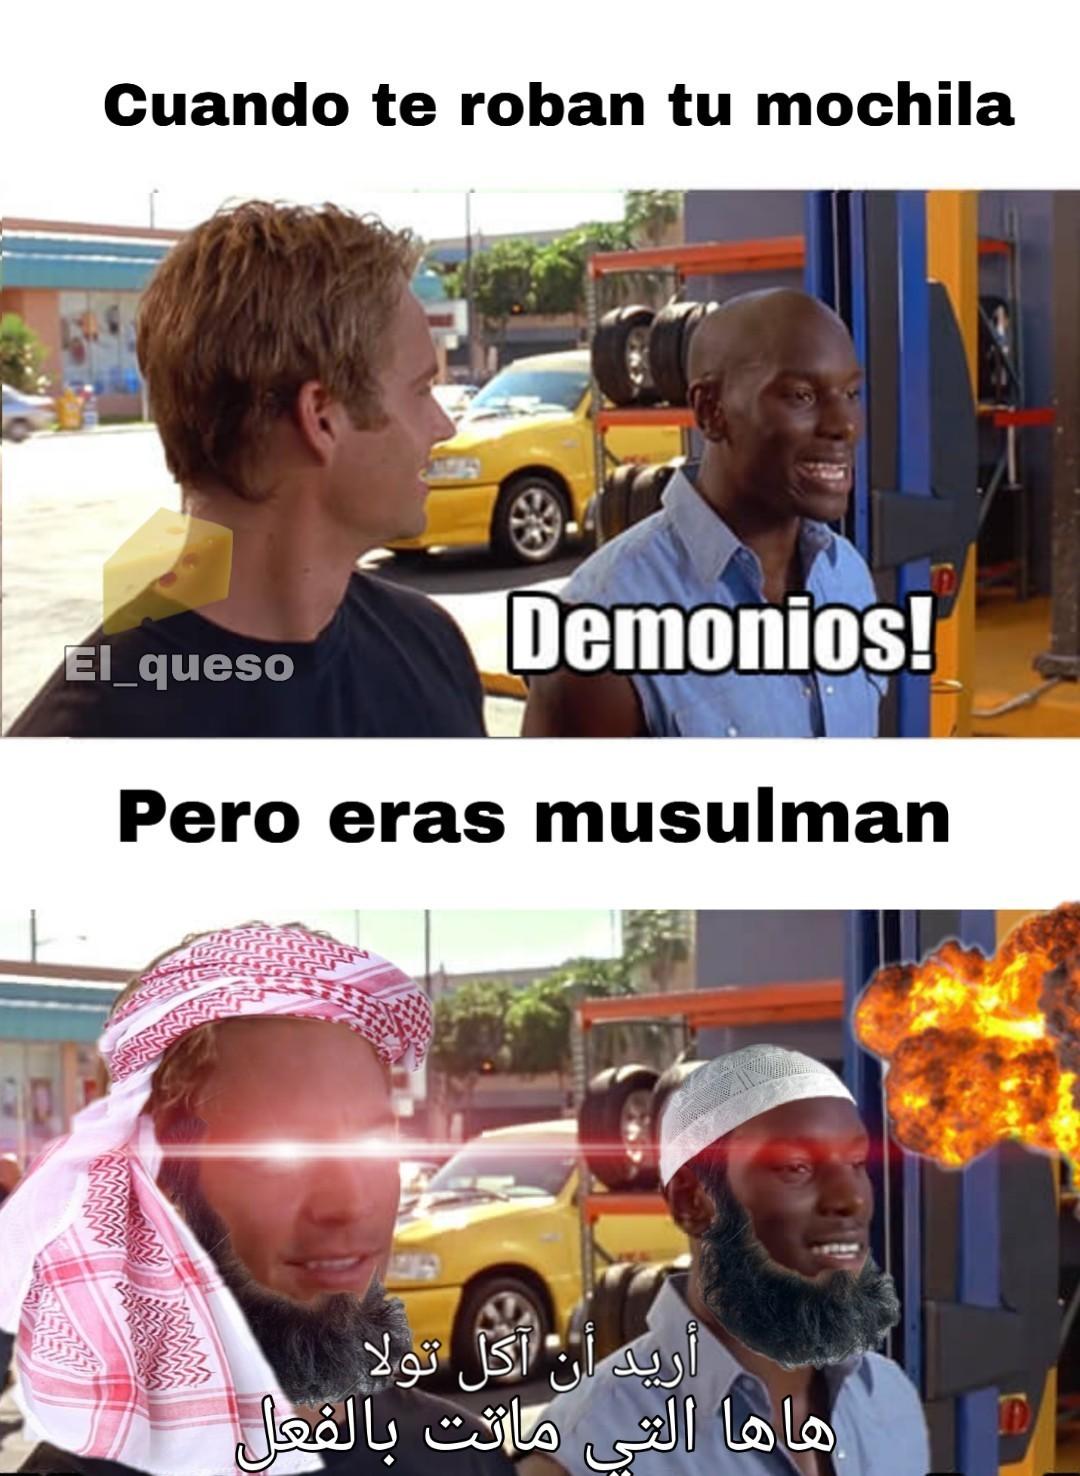 No hay que molestar a los musulmanes, explotan con facilidad - meme